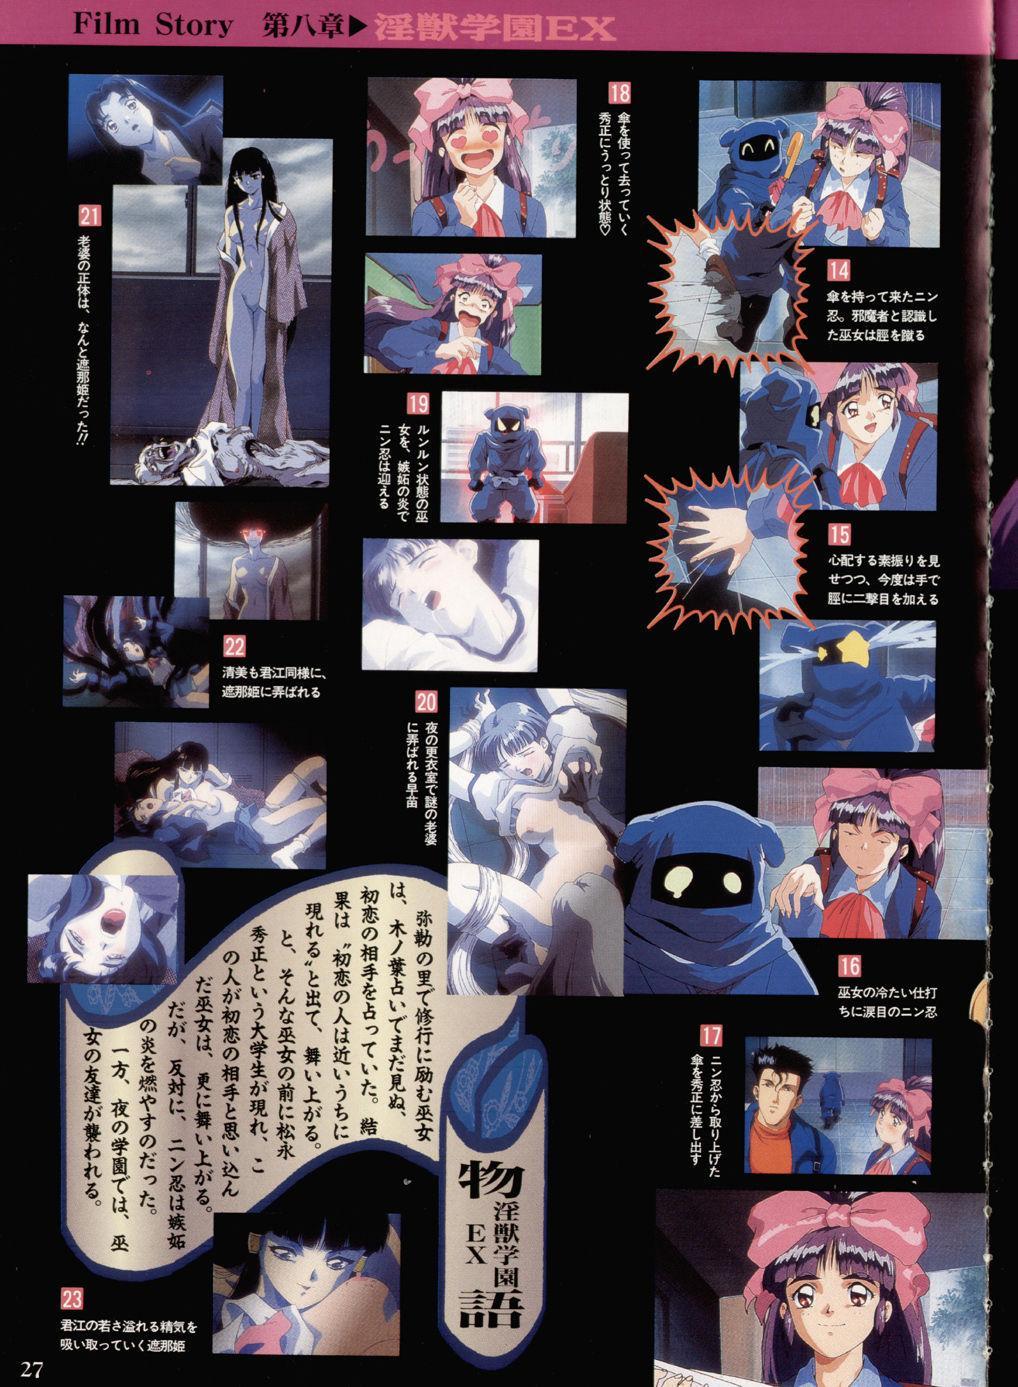 Injuu Gakuen You no Shou Secret File 22